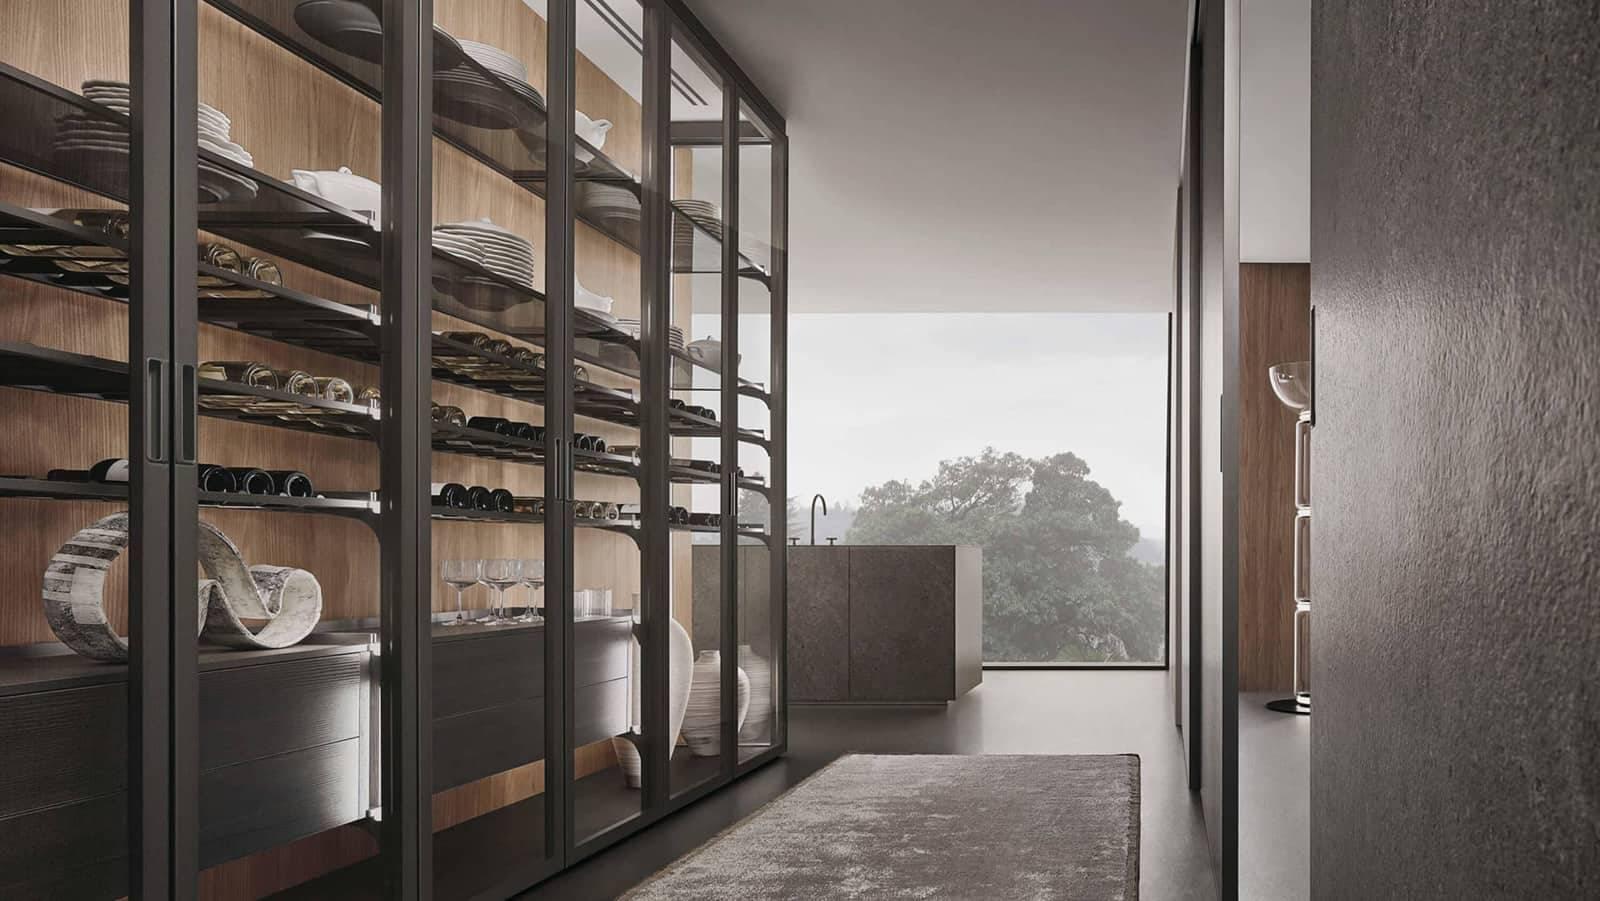 luxe glazen vitrinekast of buffetkast voor keuken met wijnrekken en ladeblokken rimadesio cover